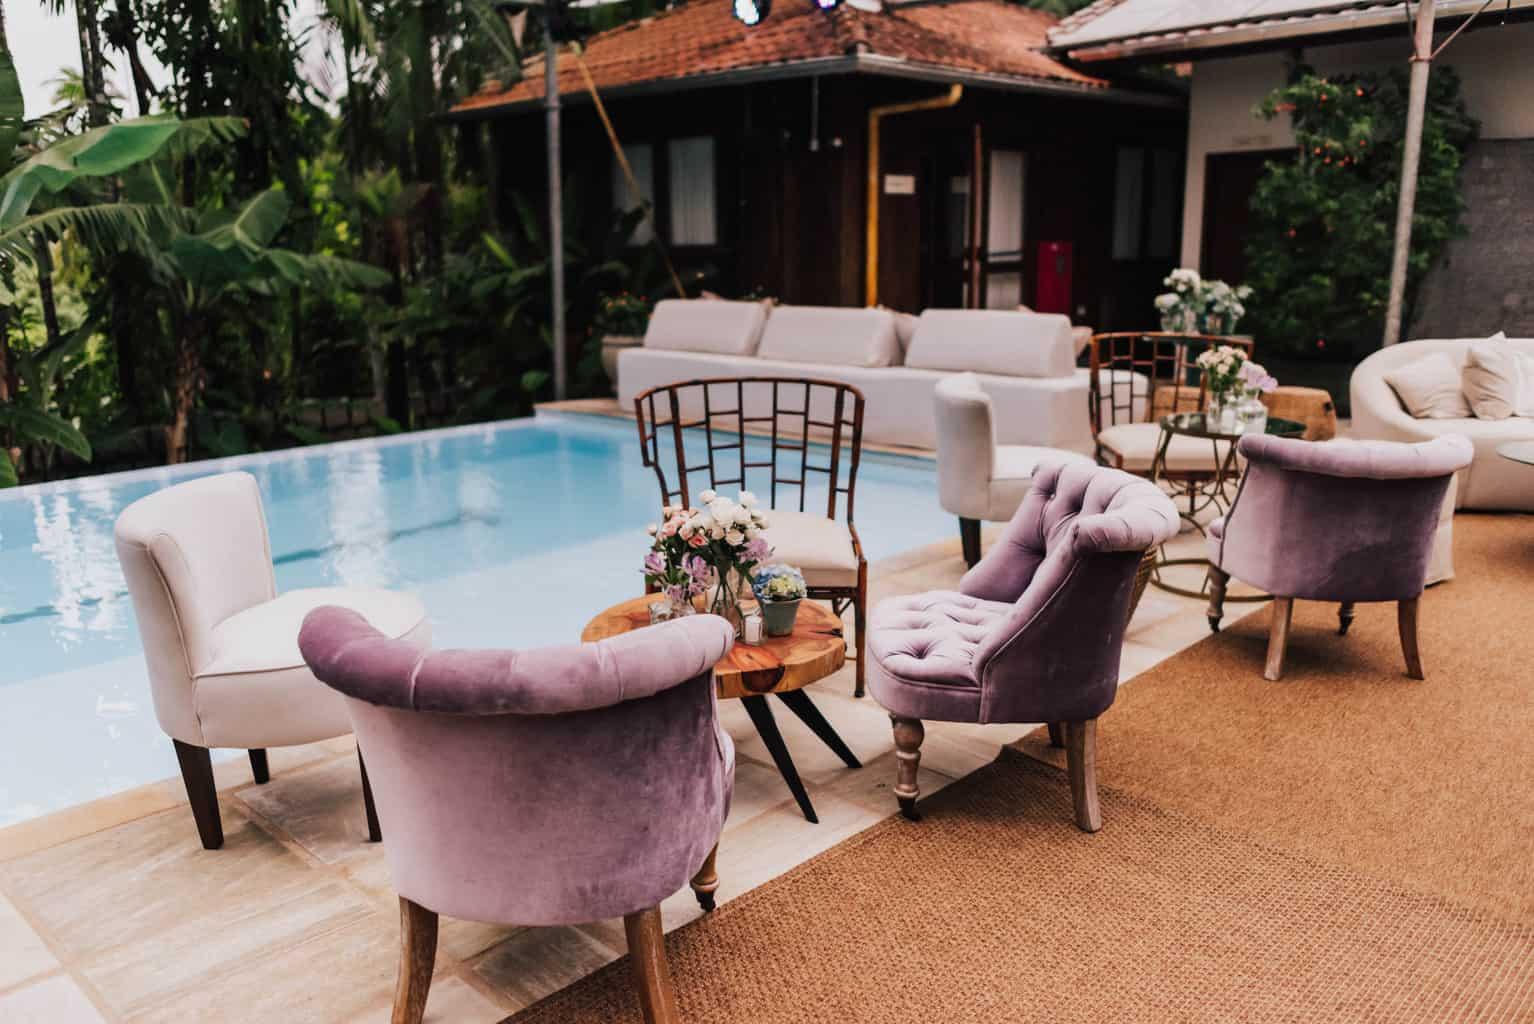 casamento-Maitê-e-Breno-decor-contemporanea-decoracao-branca-com-verde-Fotografia-Mana-Gollo-Hotel-Timbó-Park6